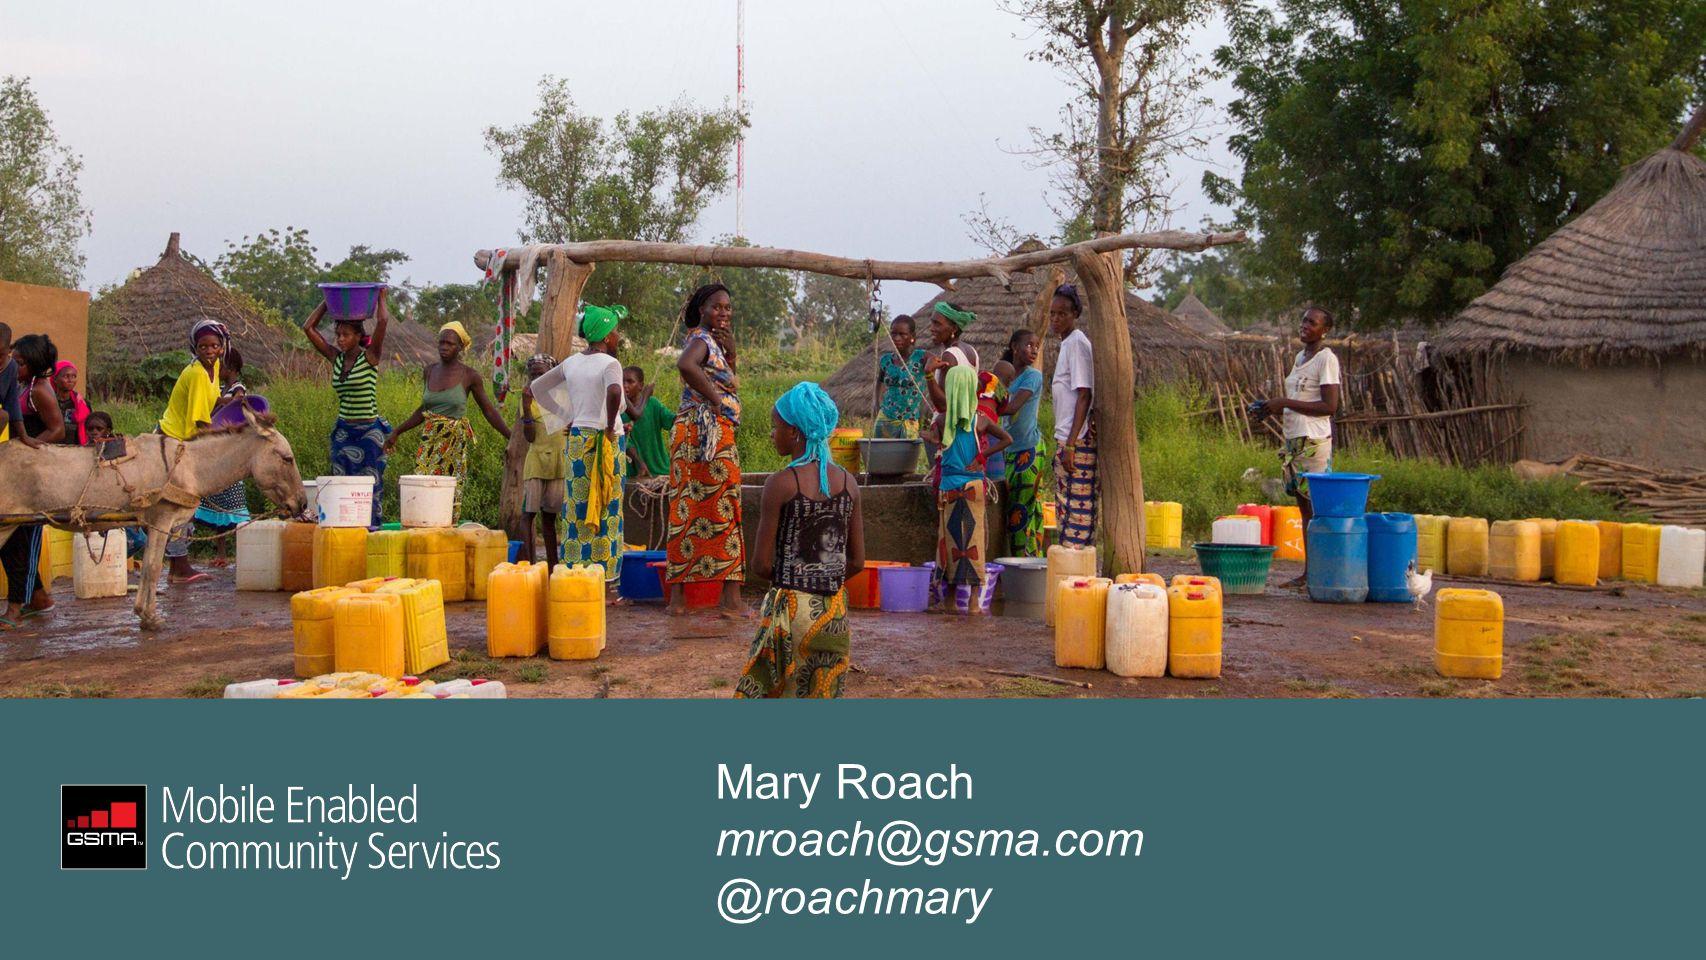 Mary Roach mroach@gsma.com @roachmary